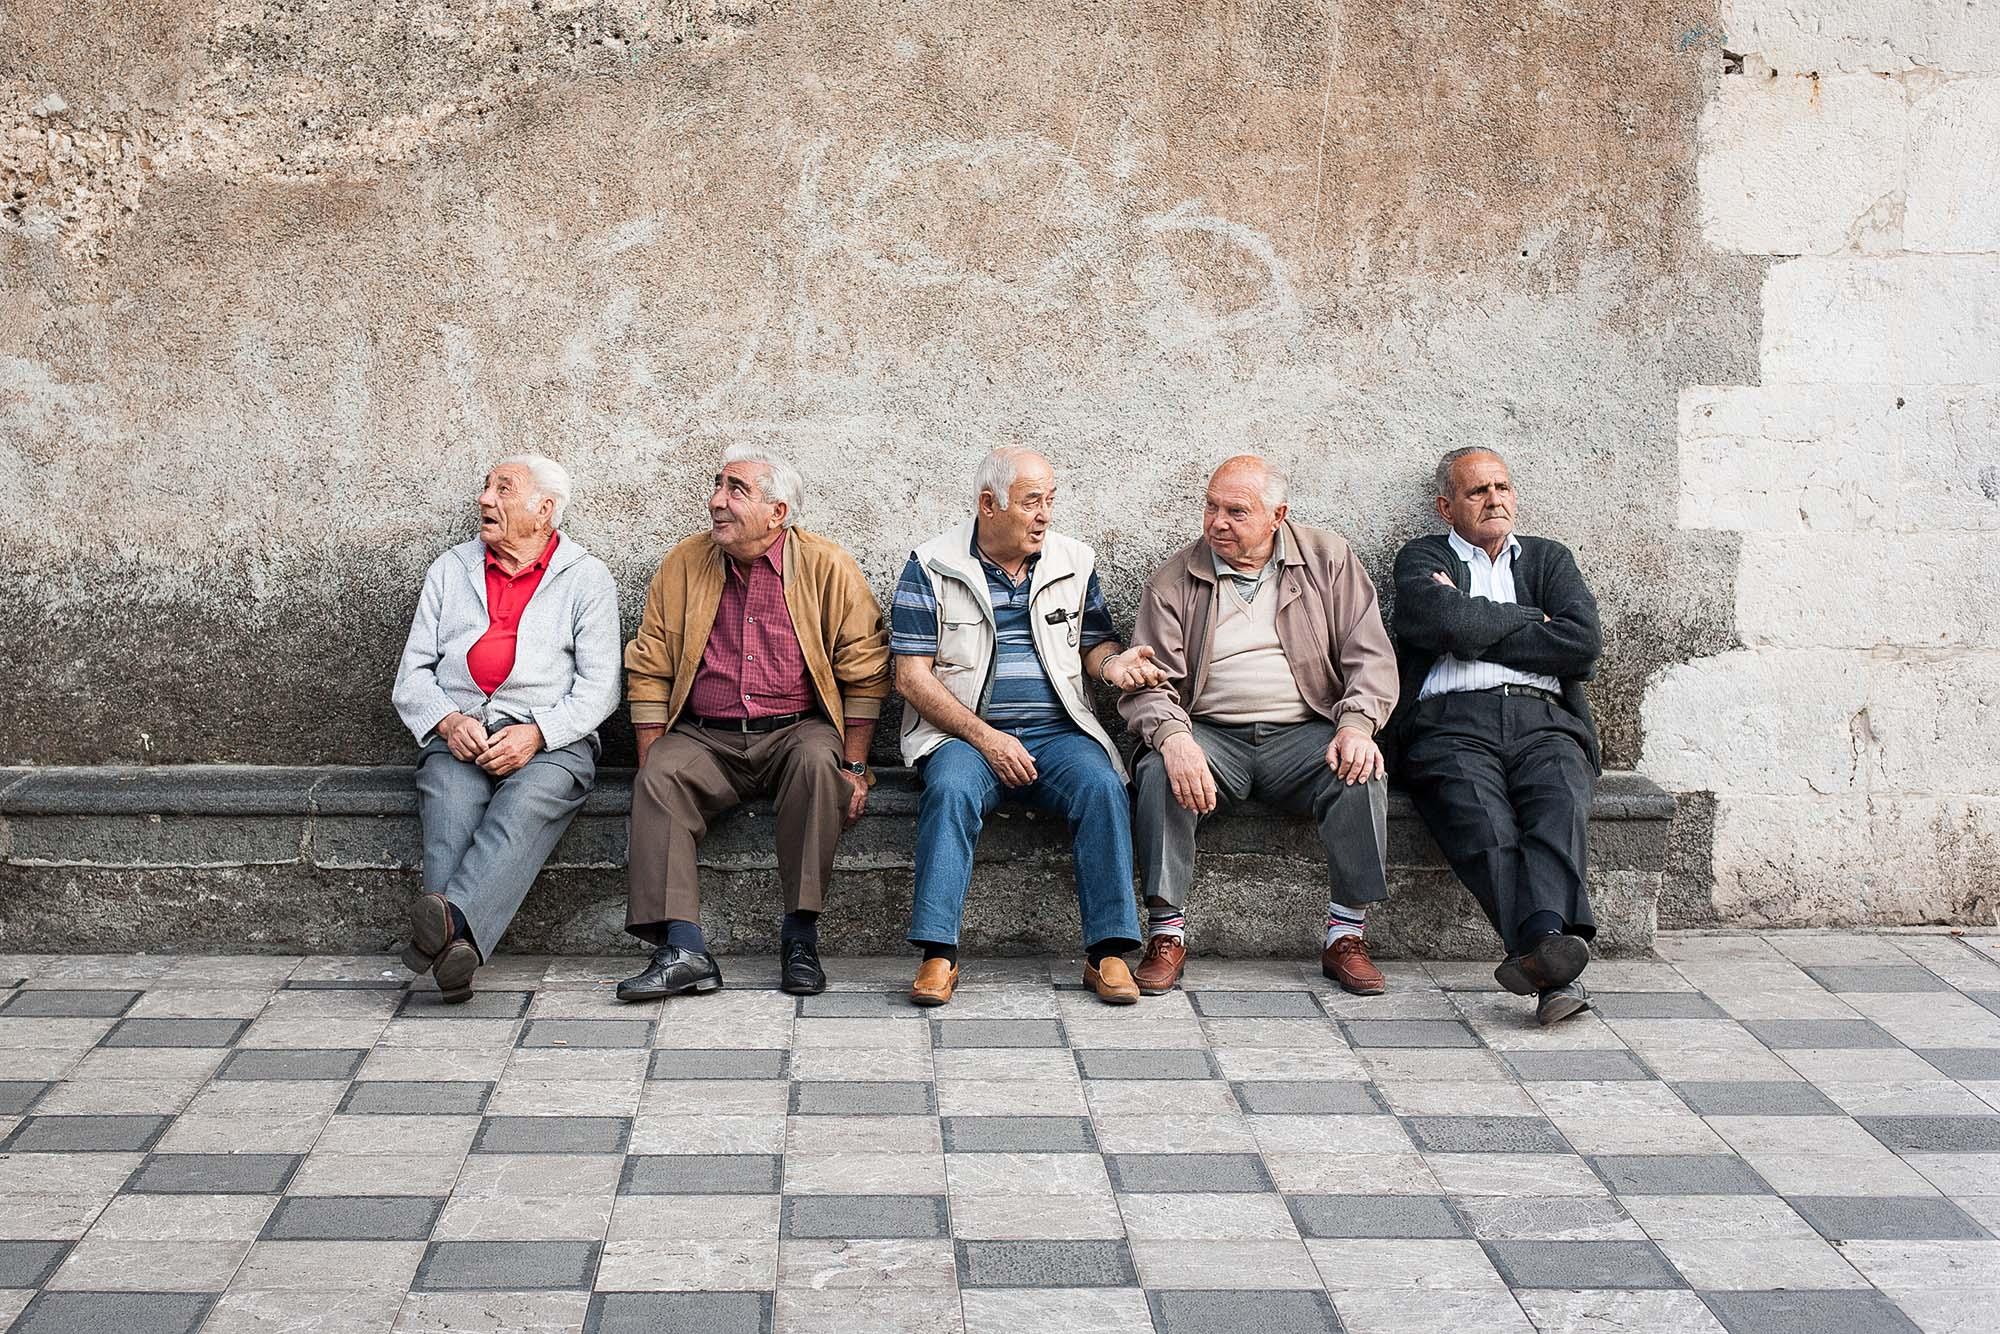 Elderly gentlemen, Sicily